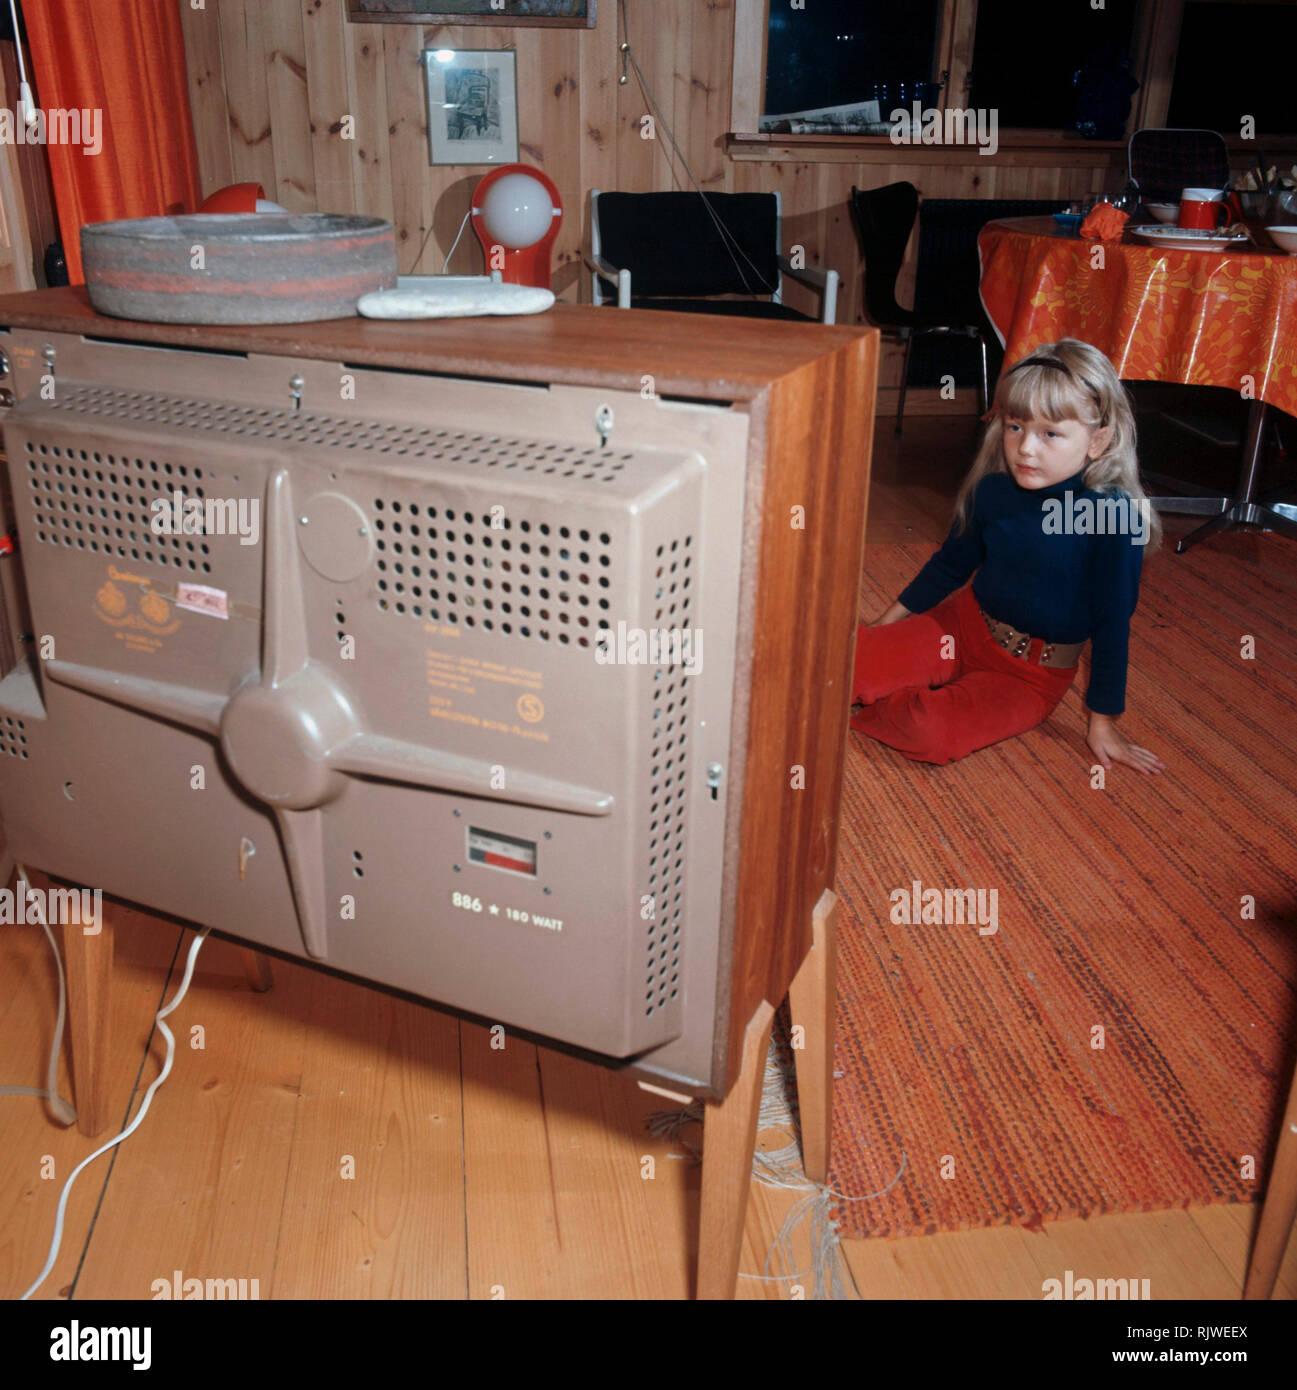 La télévision dans les années 1960. Une fille est assise devant un téléviseur avec ses yeux sur l'écran et le programme. Suède 1969 Photo Stock